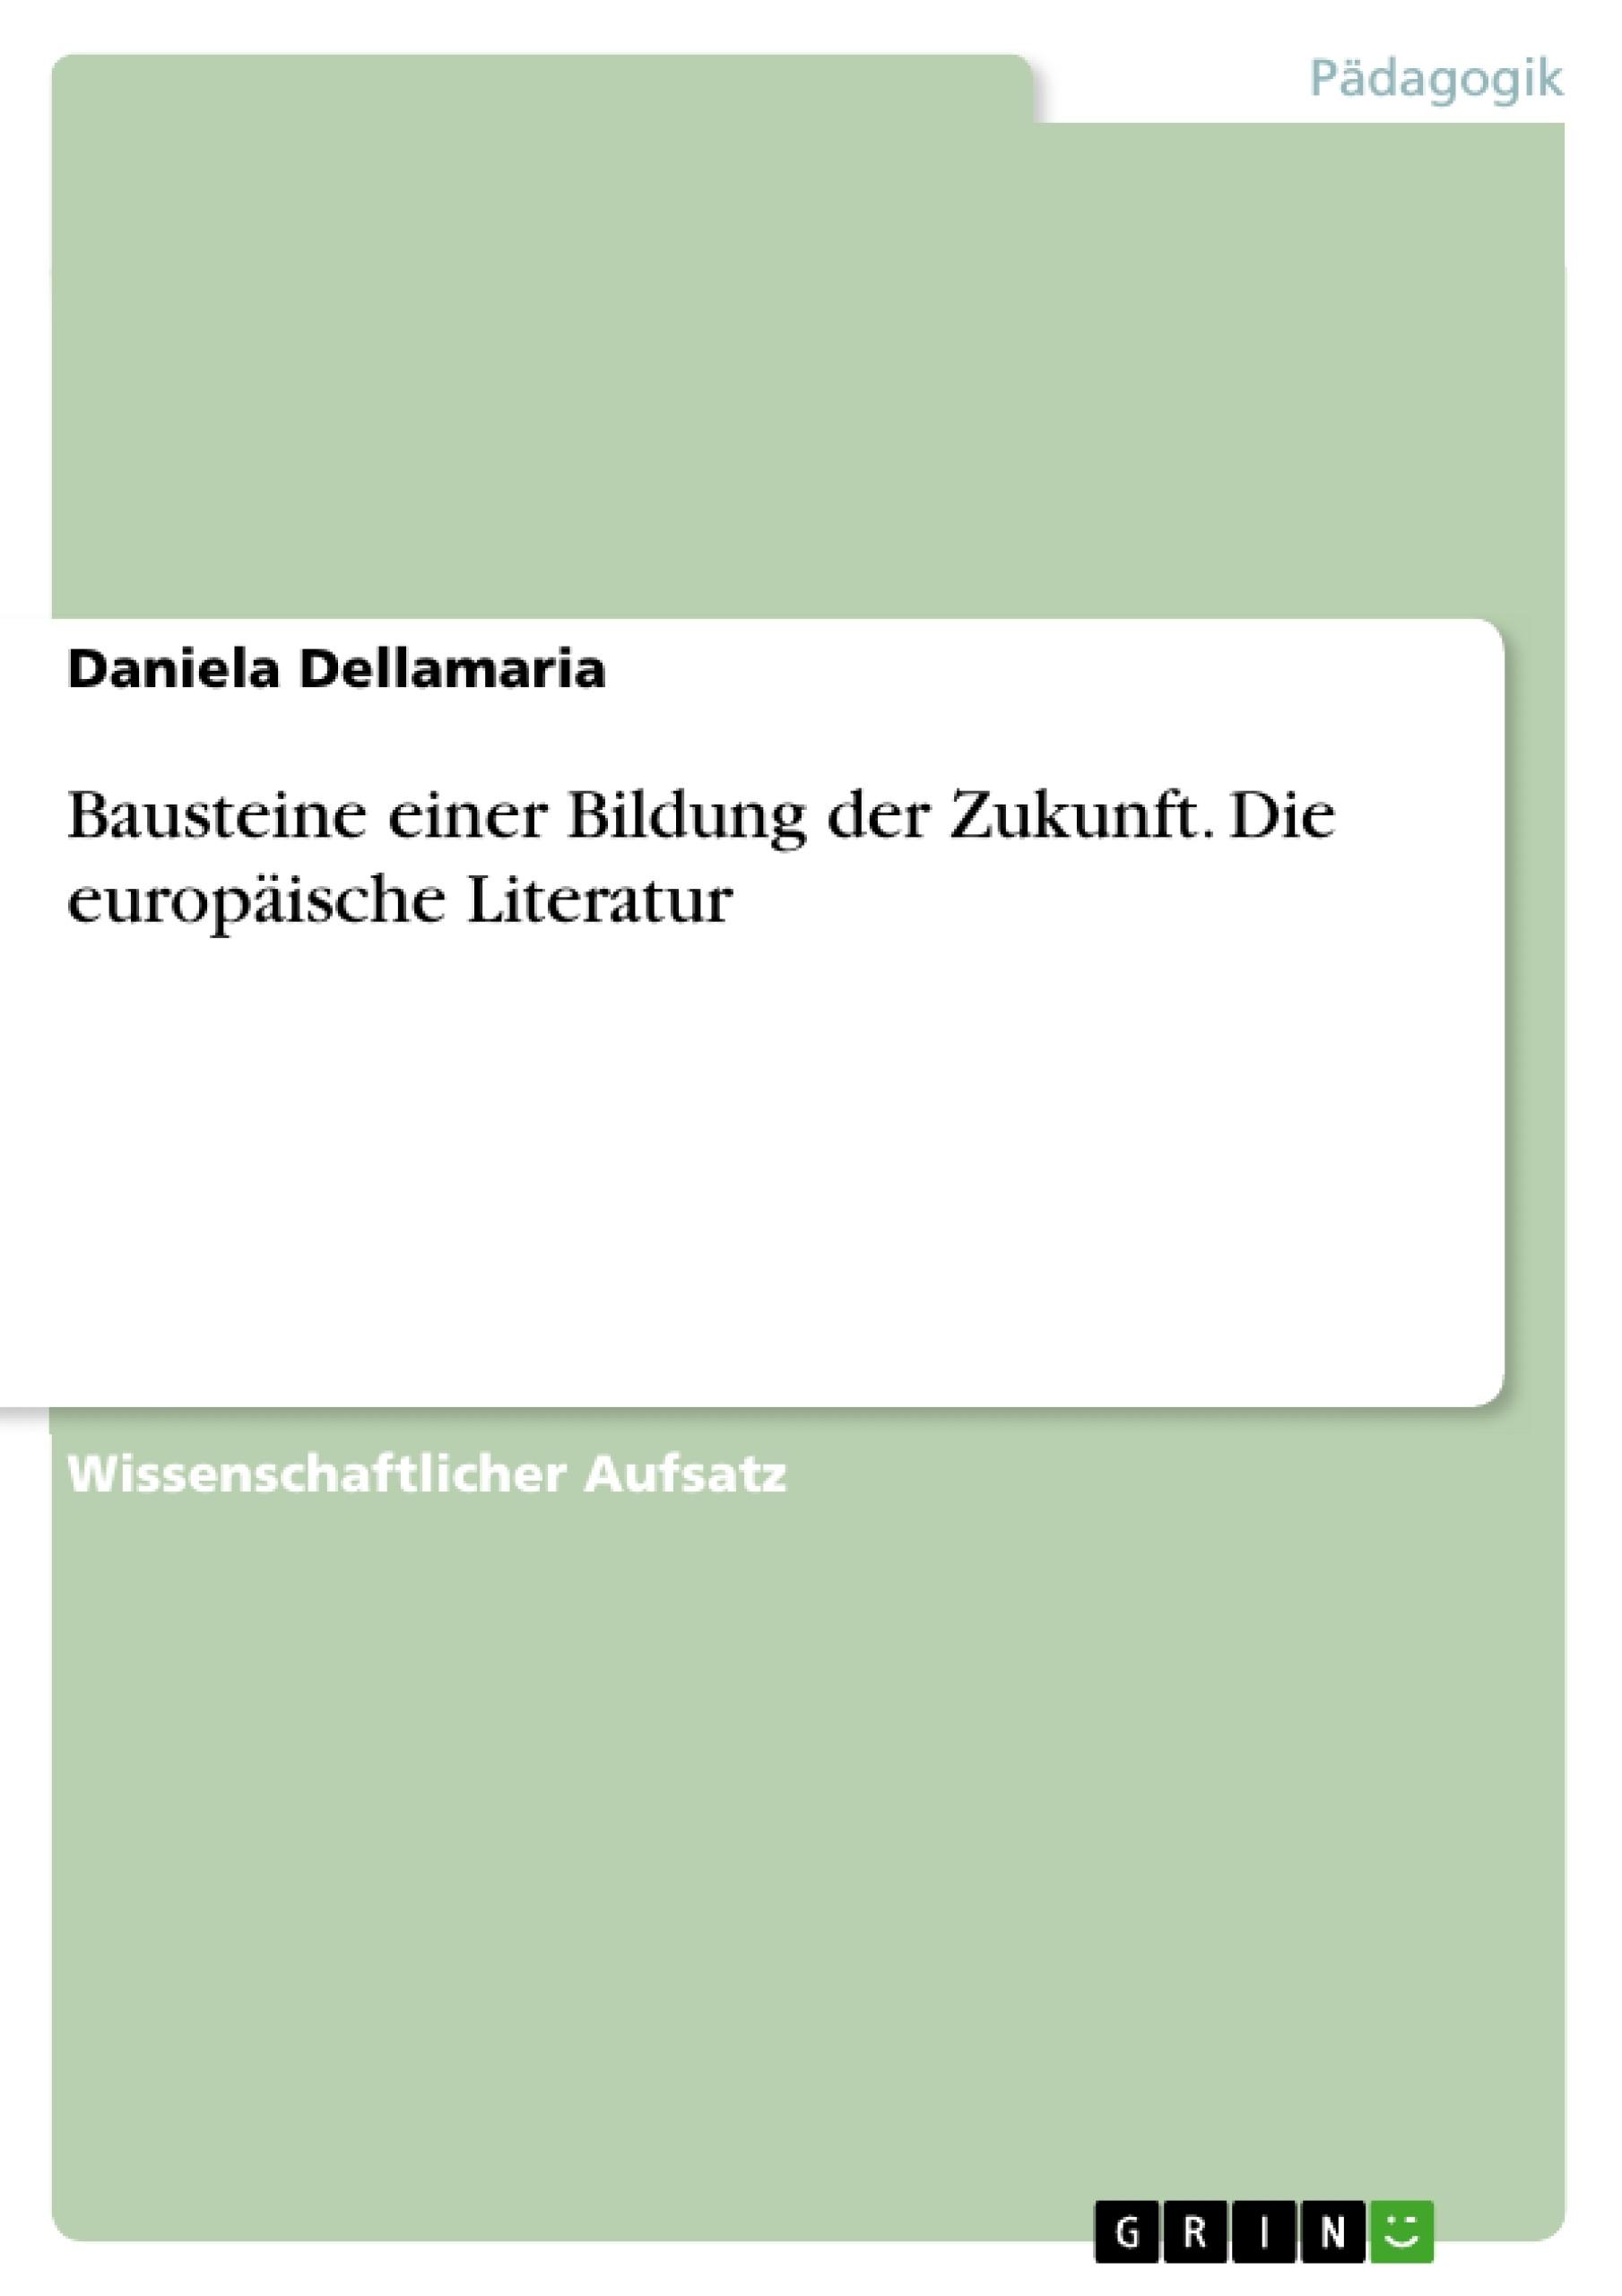 Titel: Bausteine einer Bildung der Zukunft. Die europäische Literatur